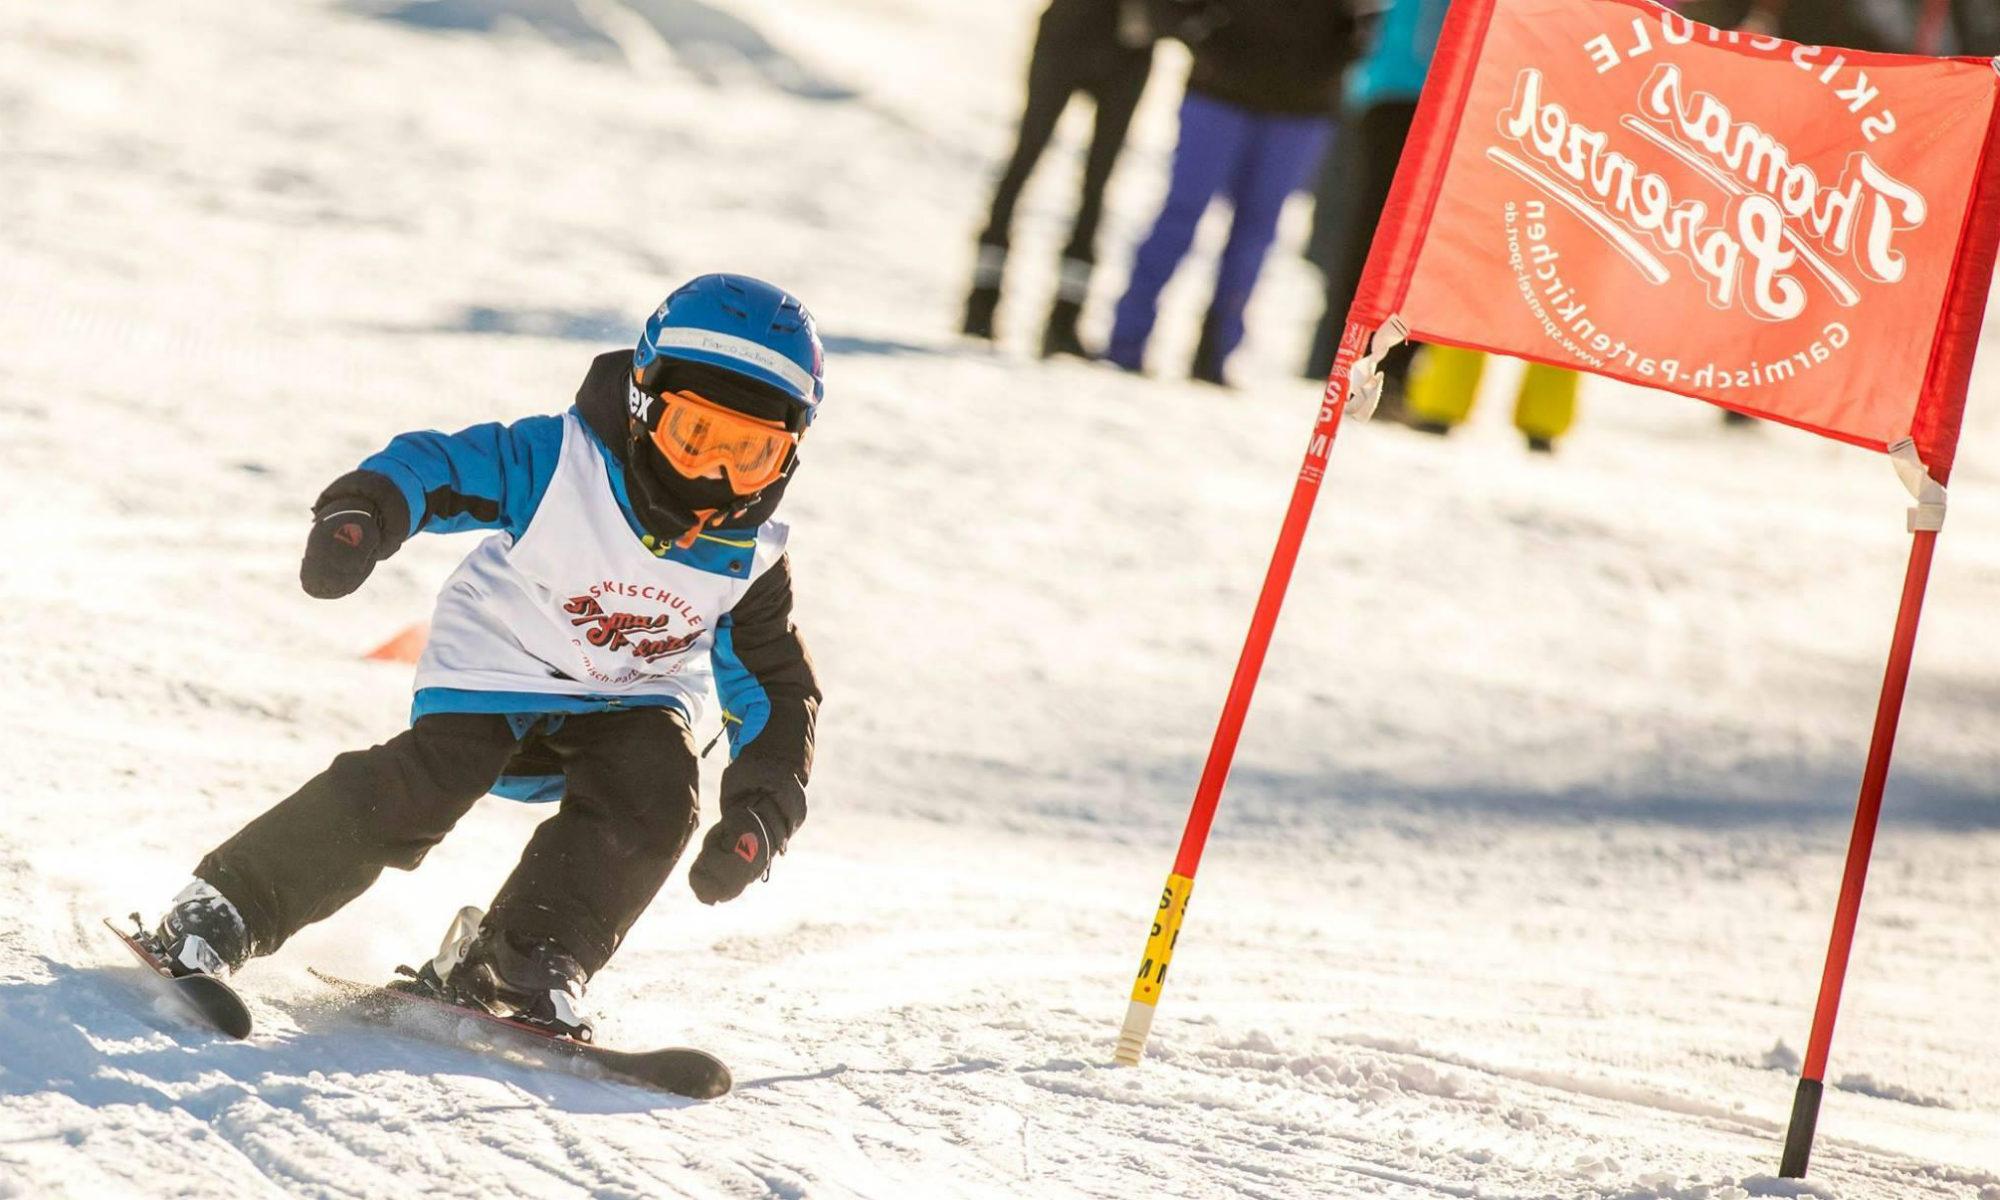 Ein Skianfänger umfährt ein Hindernis und übt das Steuern der Skier im Kinderland in Garmisch-Partenkirchen.